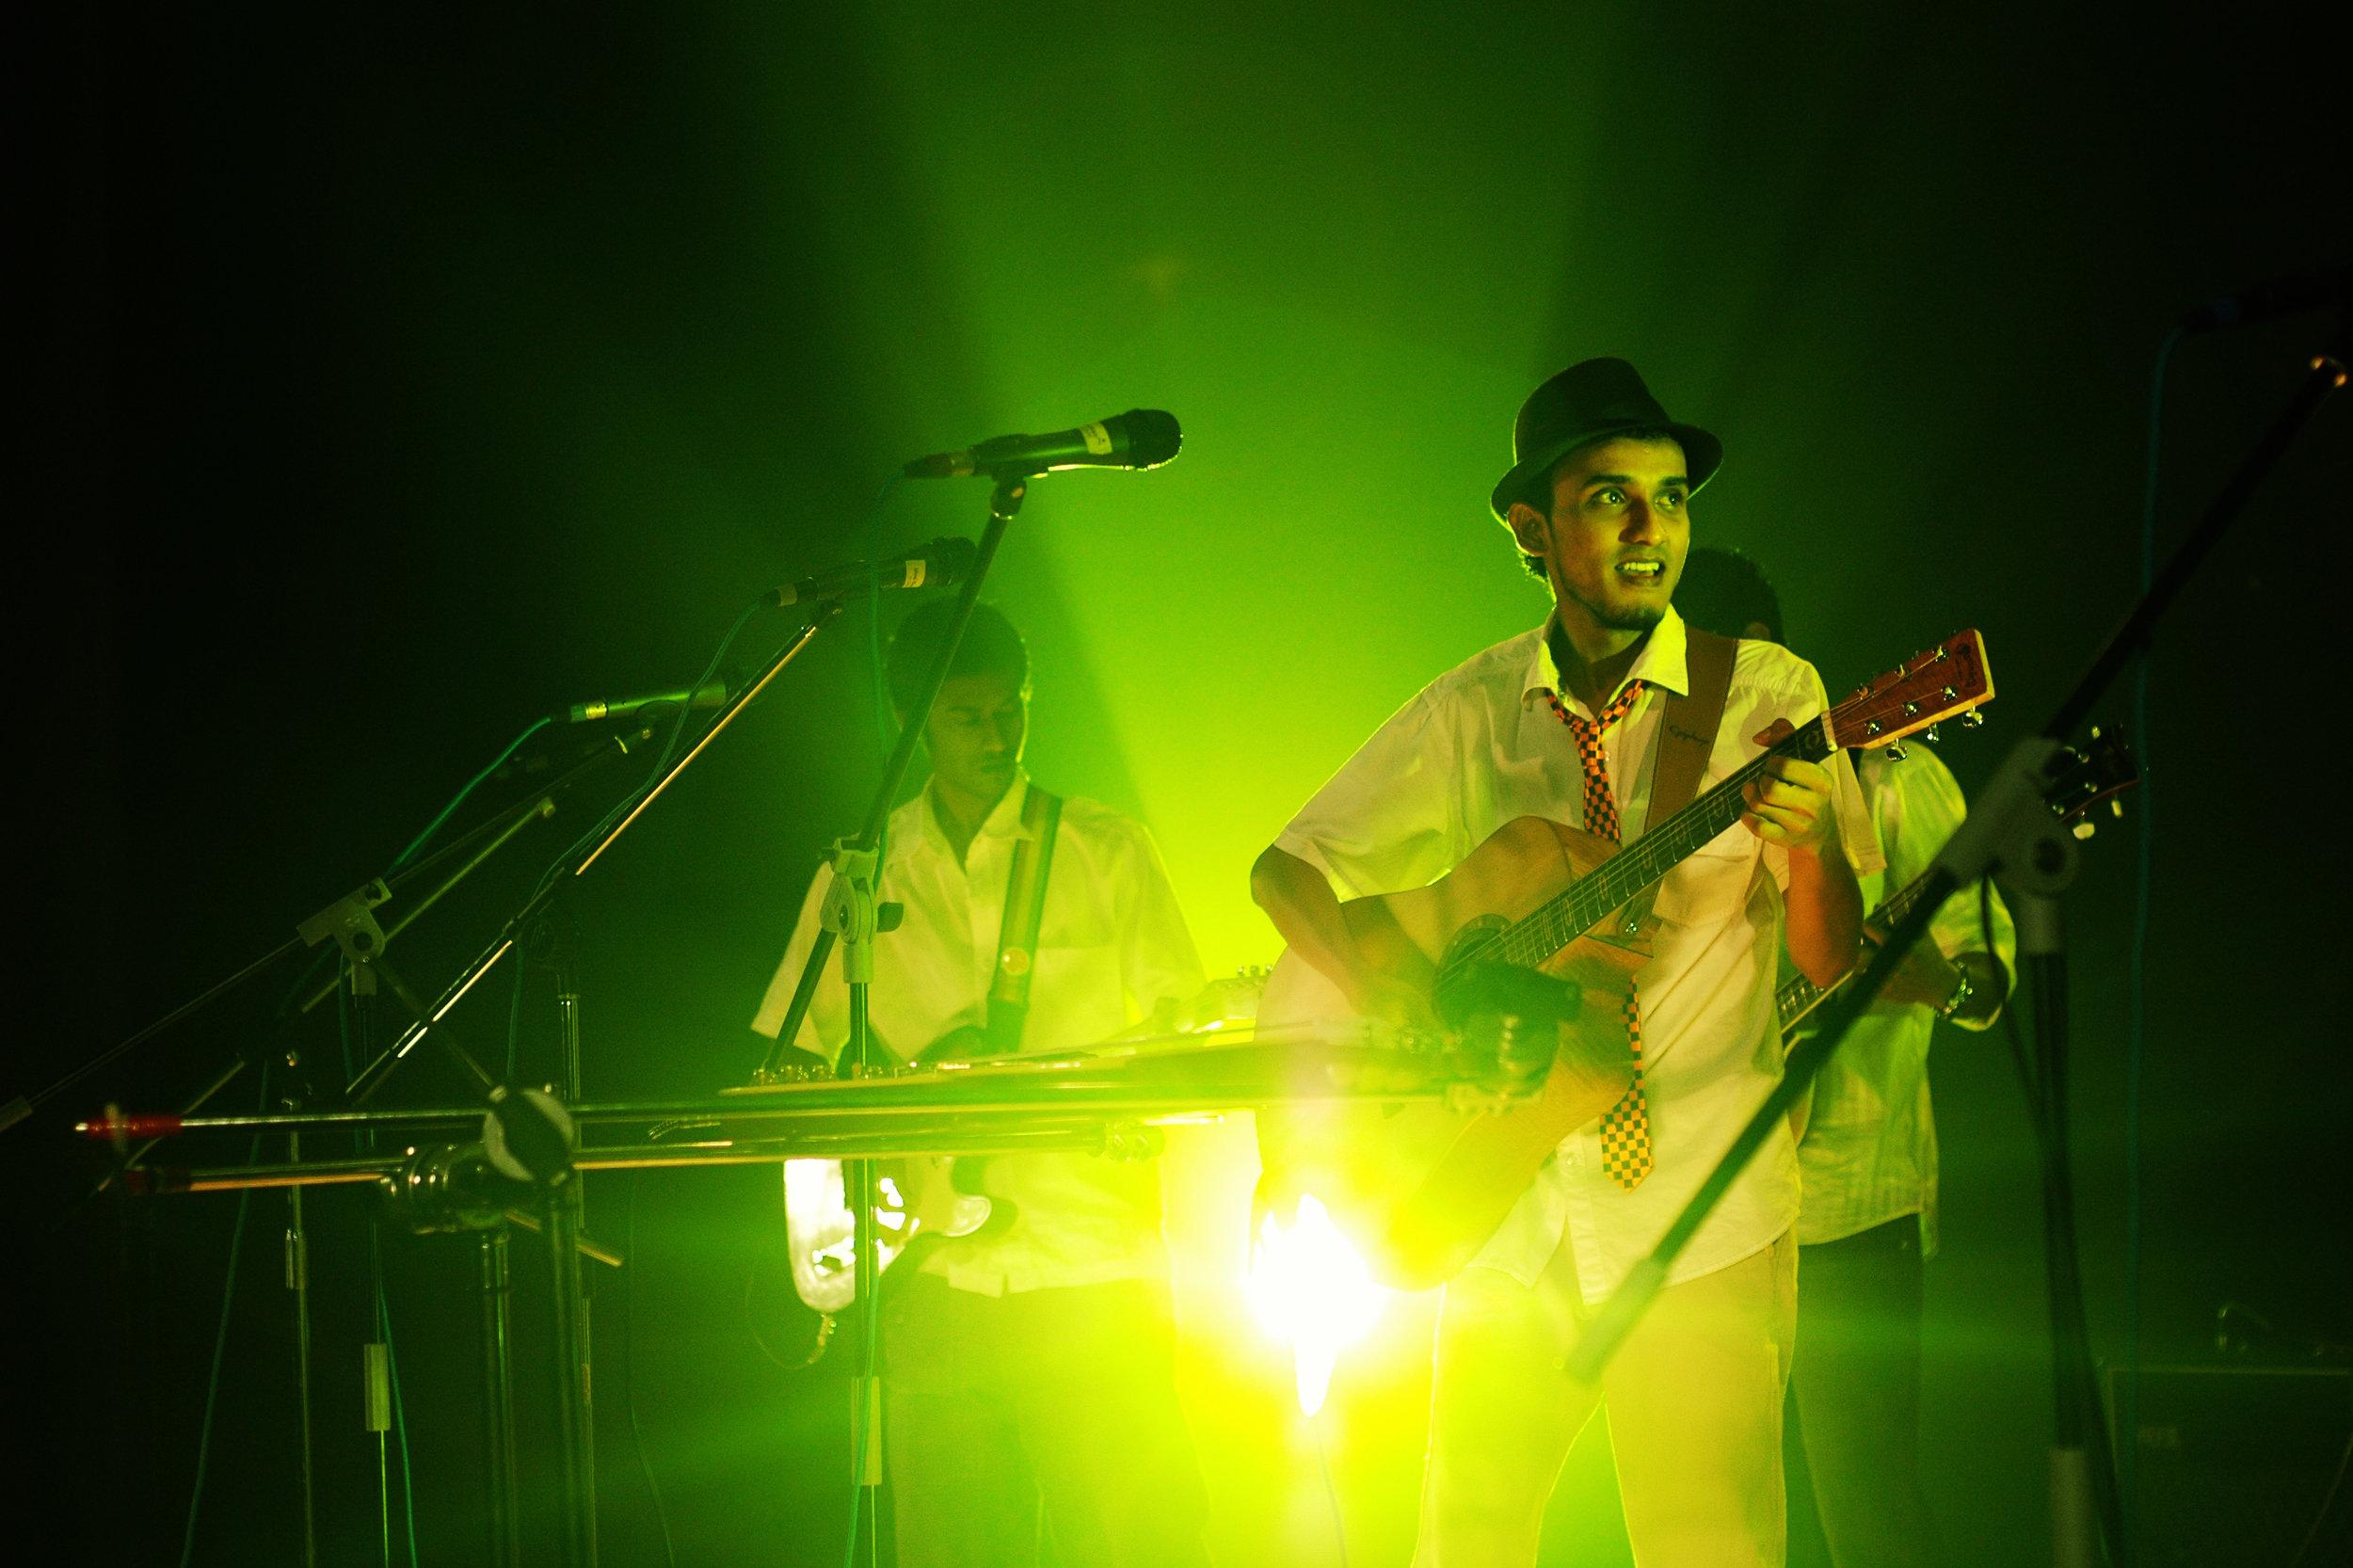 2009-08-19 - Male' City - Dharubaaruge' - Eku Ekee Album Launch - D70s-7849.jpg